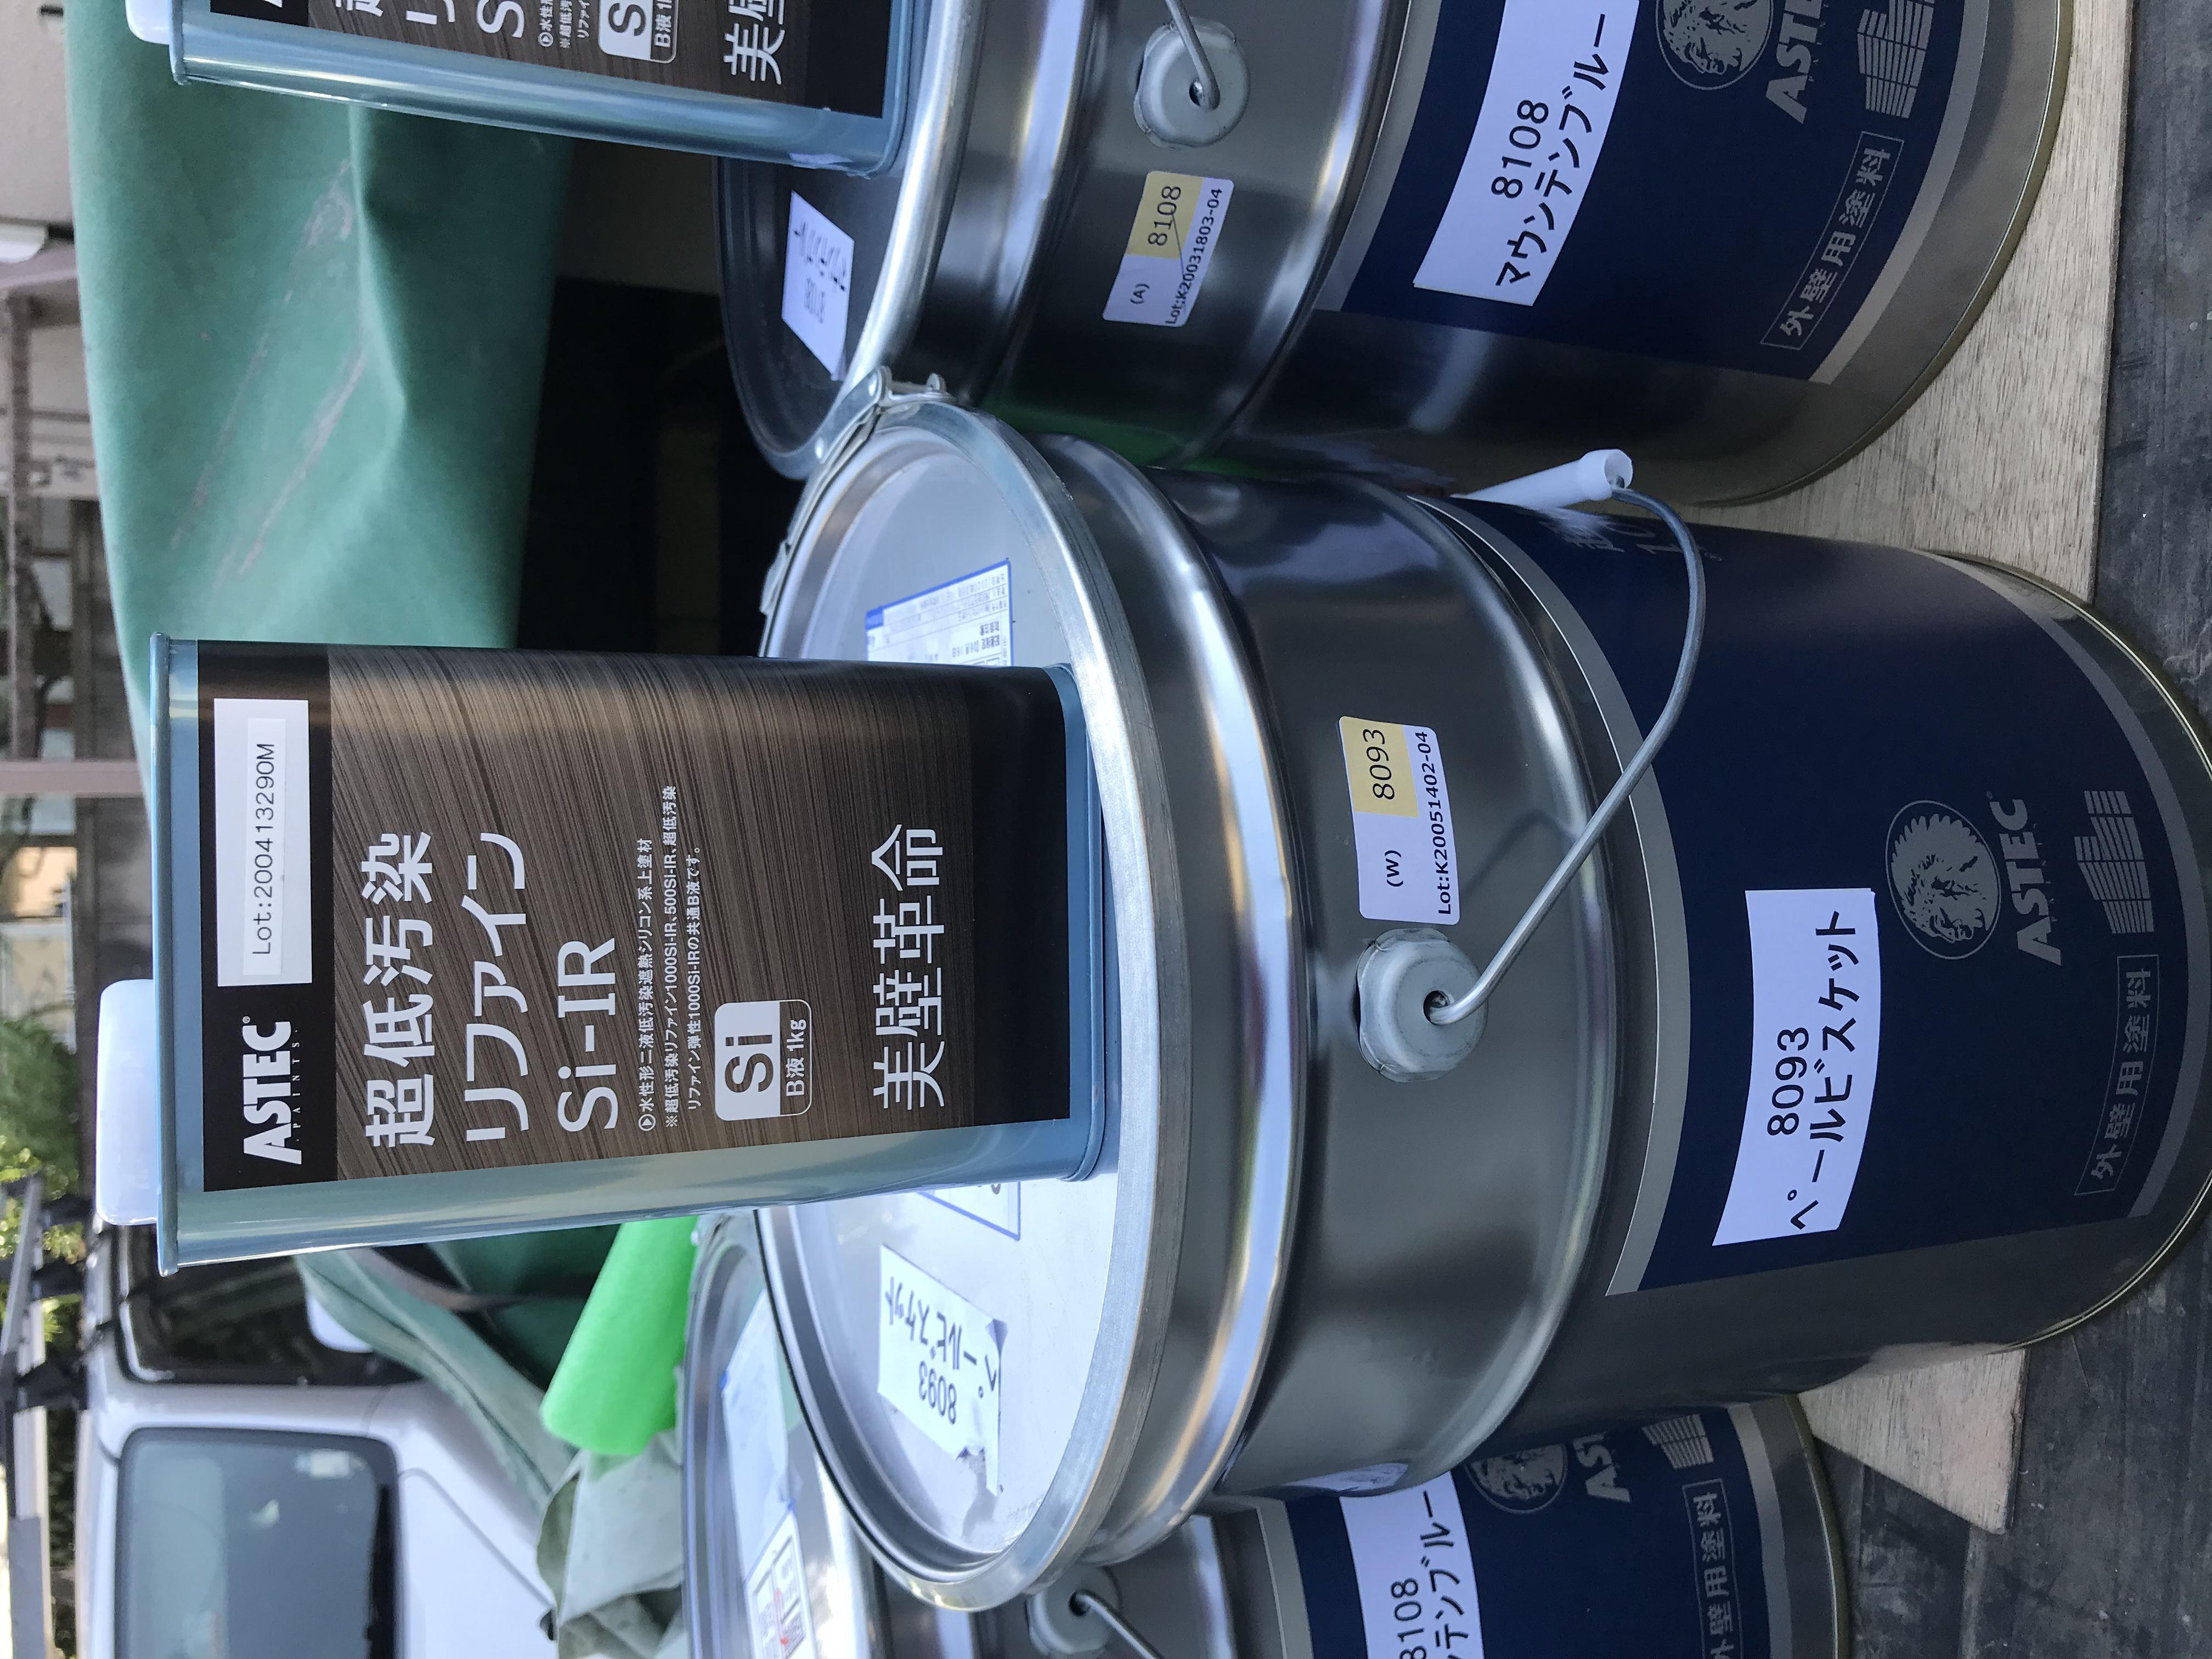 上尾市サイディング外壁塗装2階の中塗り・上塗りに使用したアステックペイントの超低汚染リファイン1000-SiIRペールビスケット色